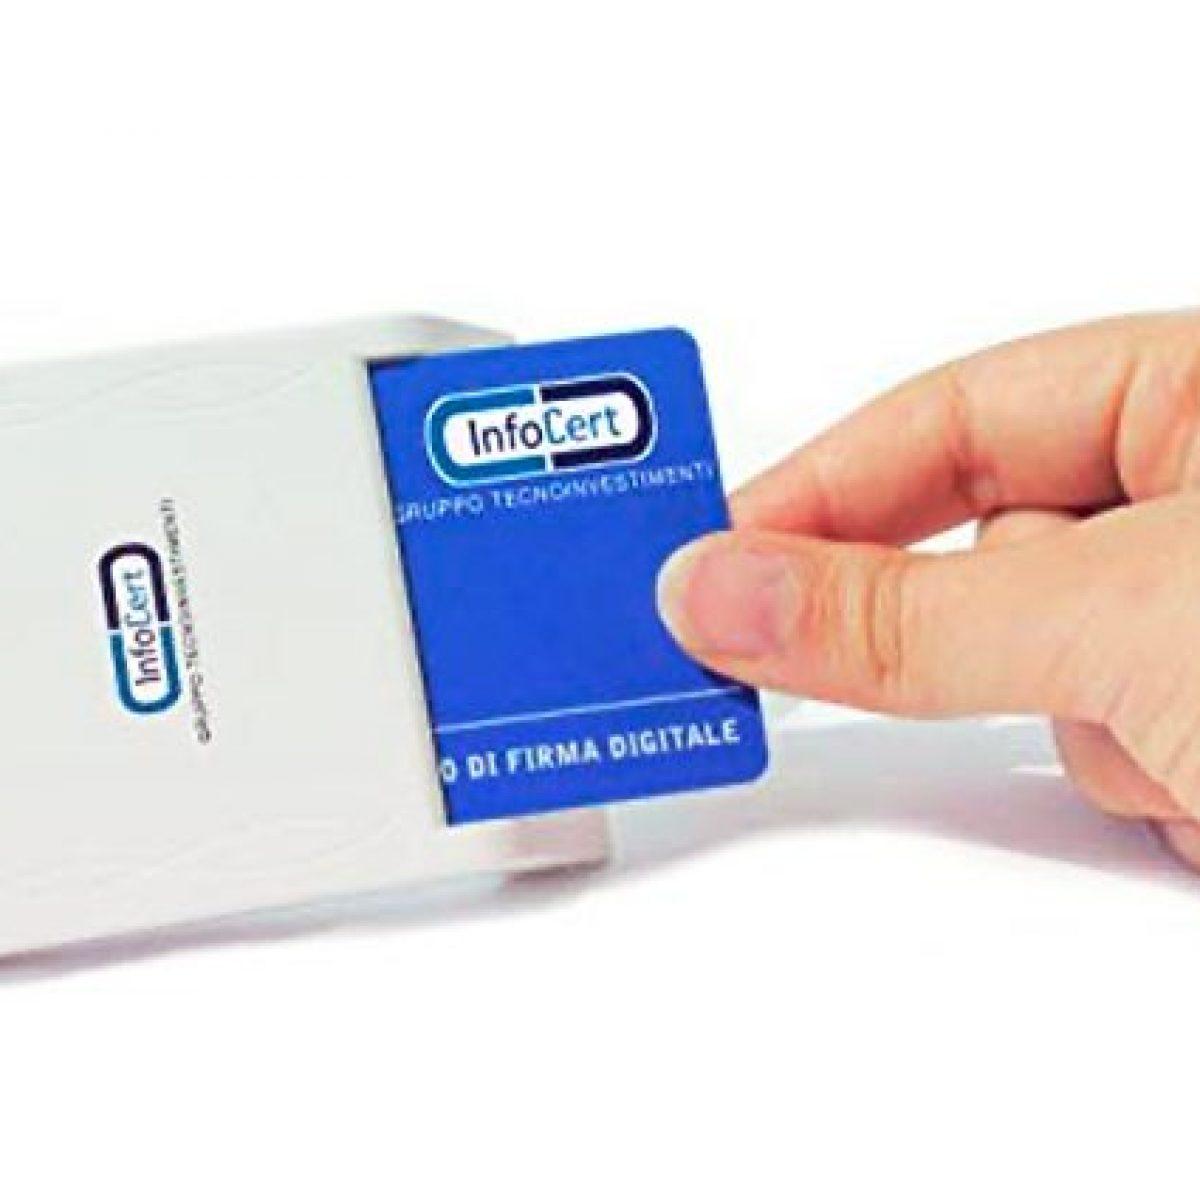 MEMORY CARD READER LETTORE DI MEMORIE USB WINDOS MAC  LINUX CAVO USB INTEGRATO.